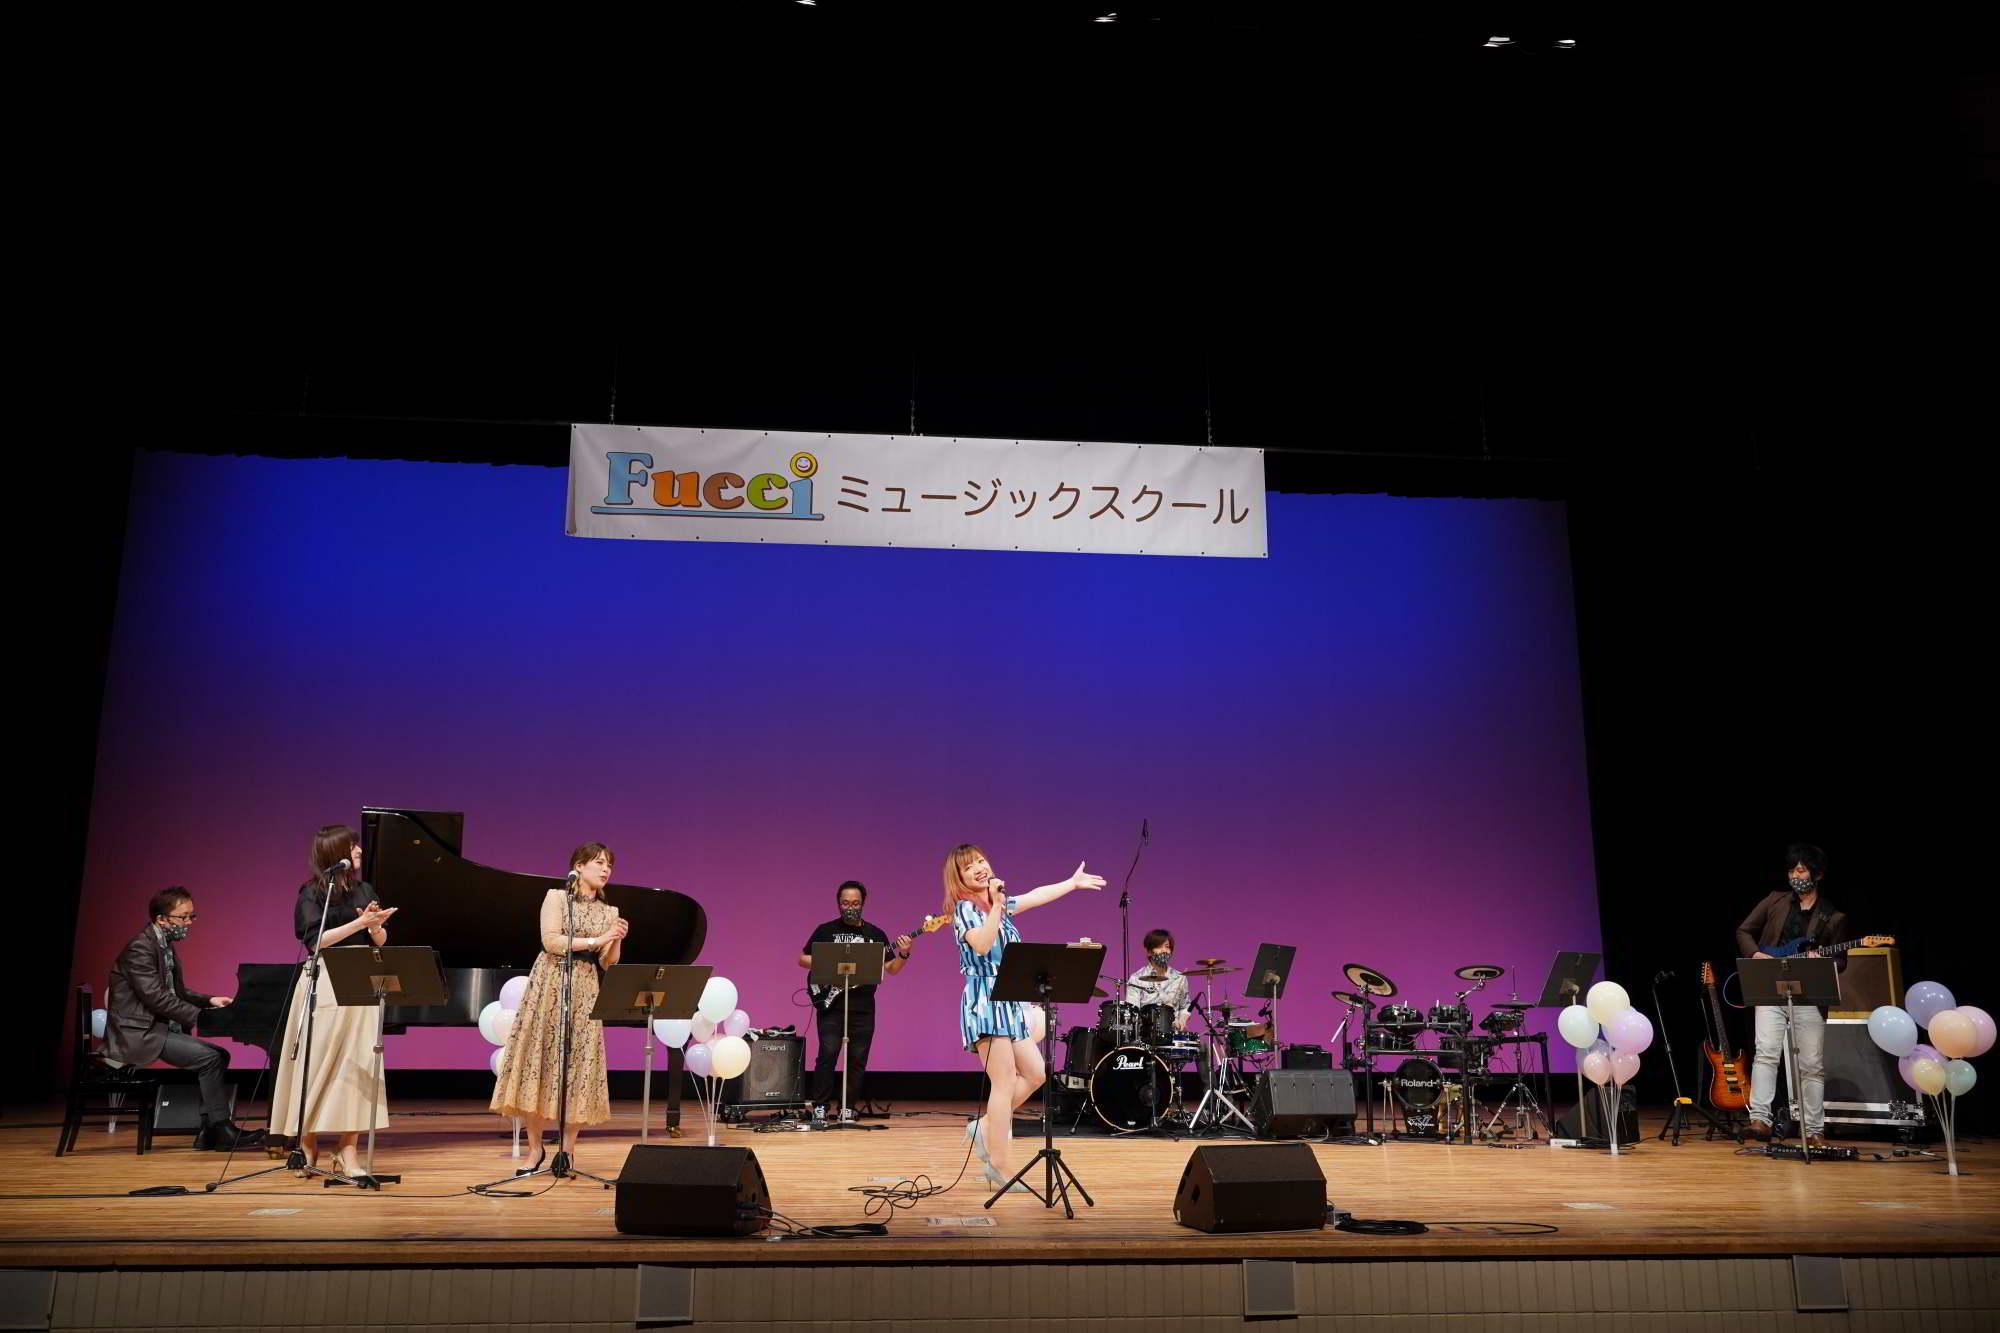 Fucciミュージックスクール発表会講師バンド